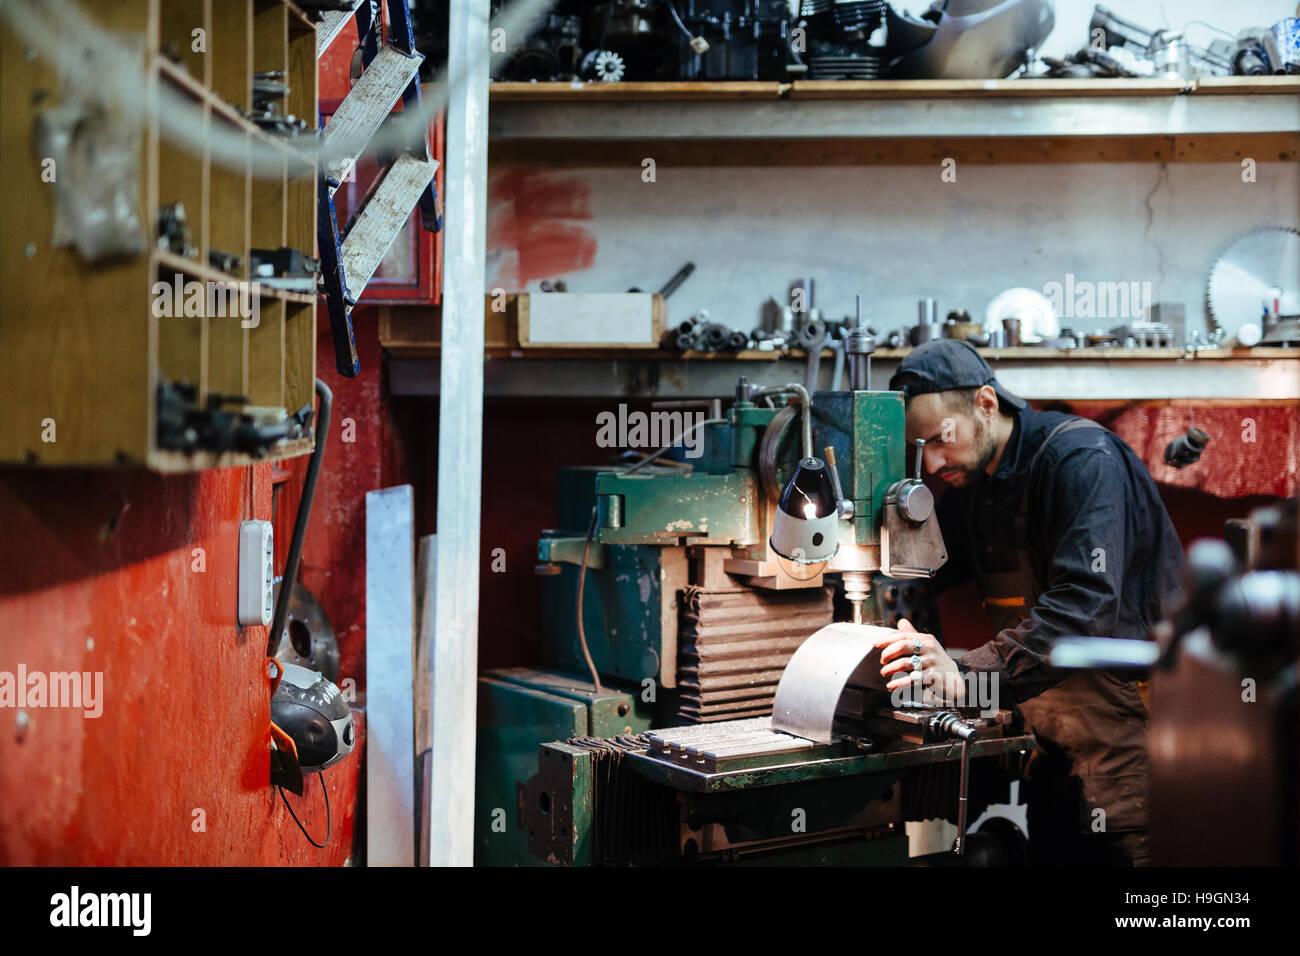 Workman drilling or grinding metallic sheet - Stock Image